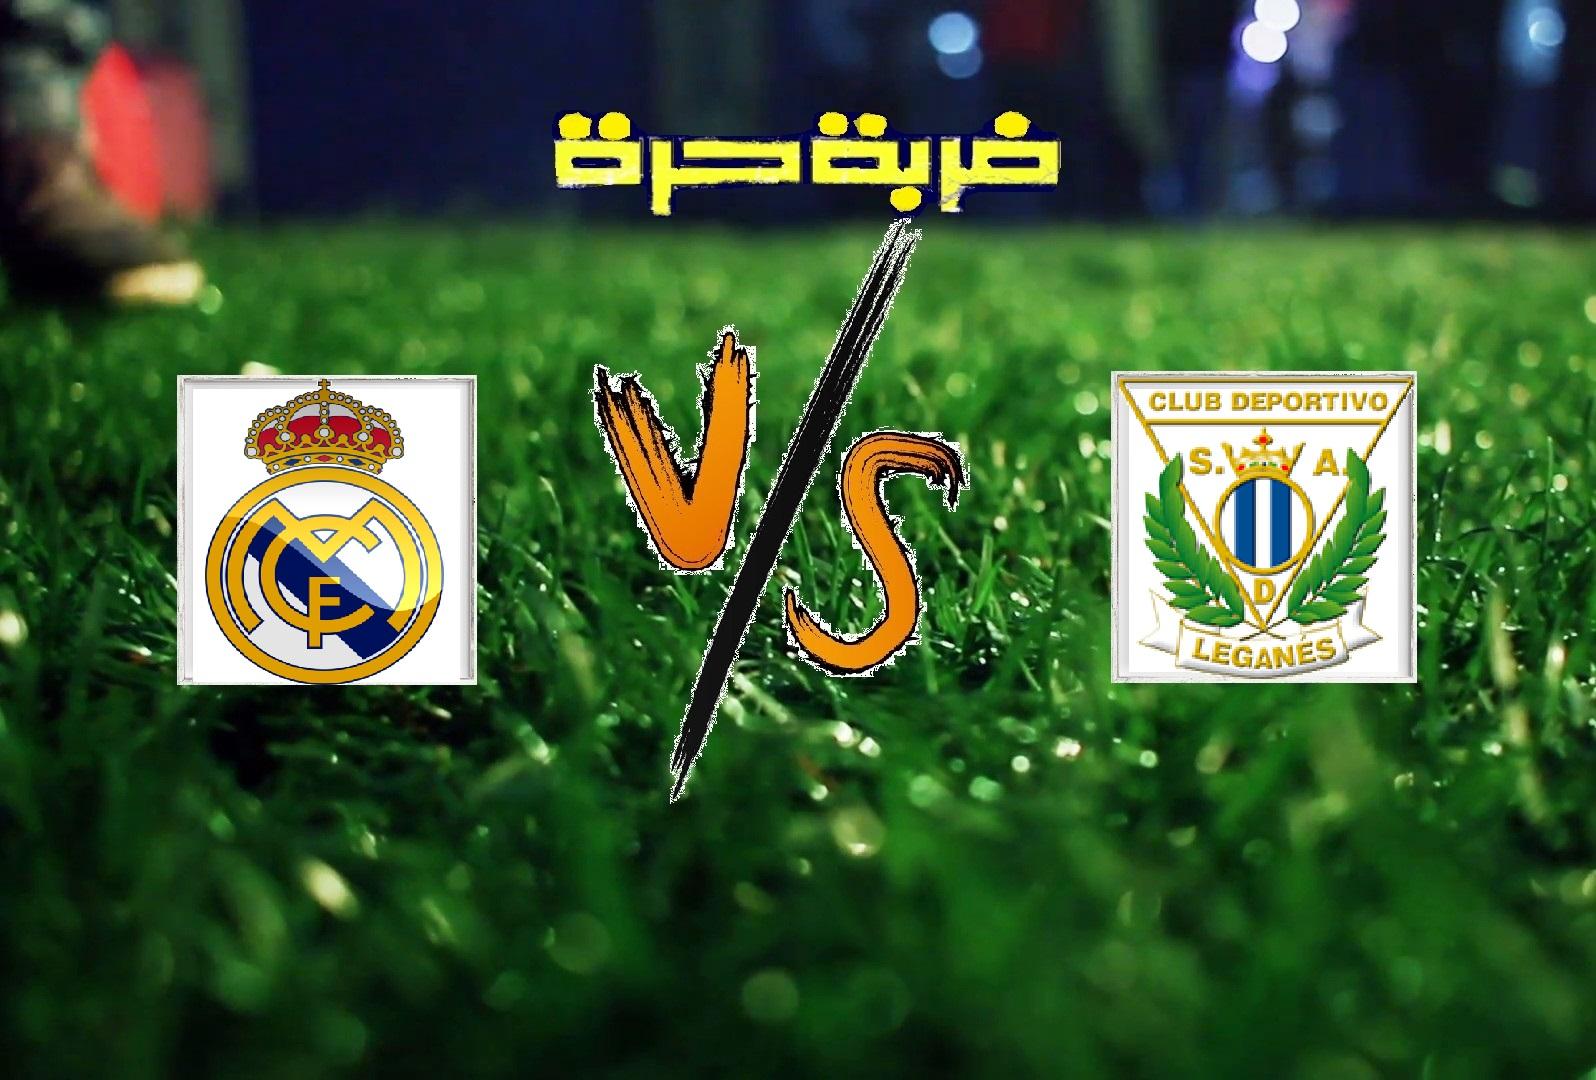 ملخص مباراة ريال مدريد وليغانيس اليوم الاثنين بتاريخ 15-04-2019 الدوري الاسباني